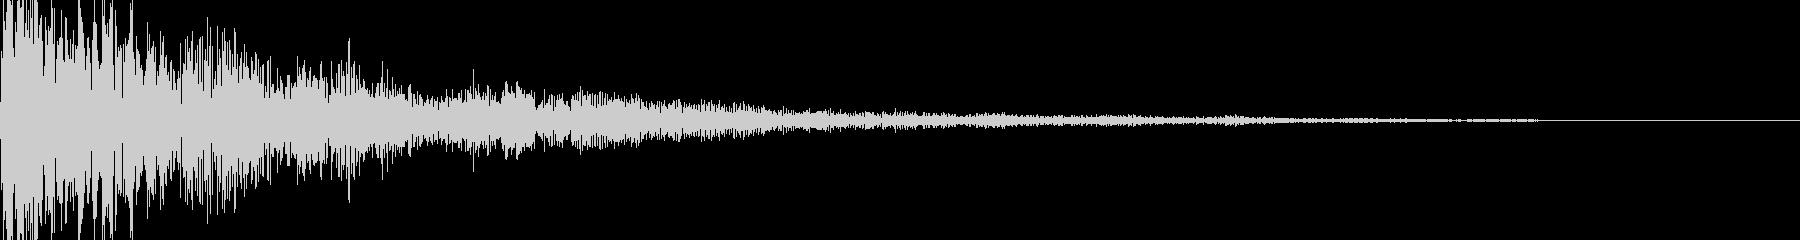 ハリウッド系サウンドロゴ ピアノ ピーンの未再生の波形